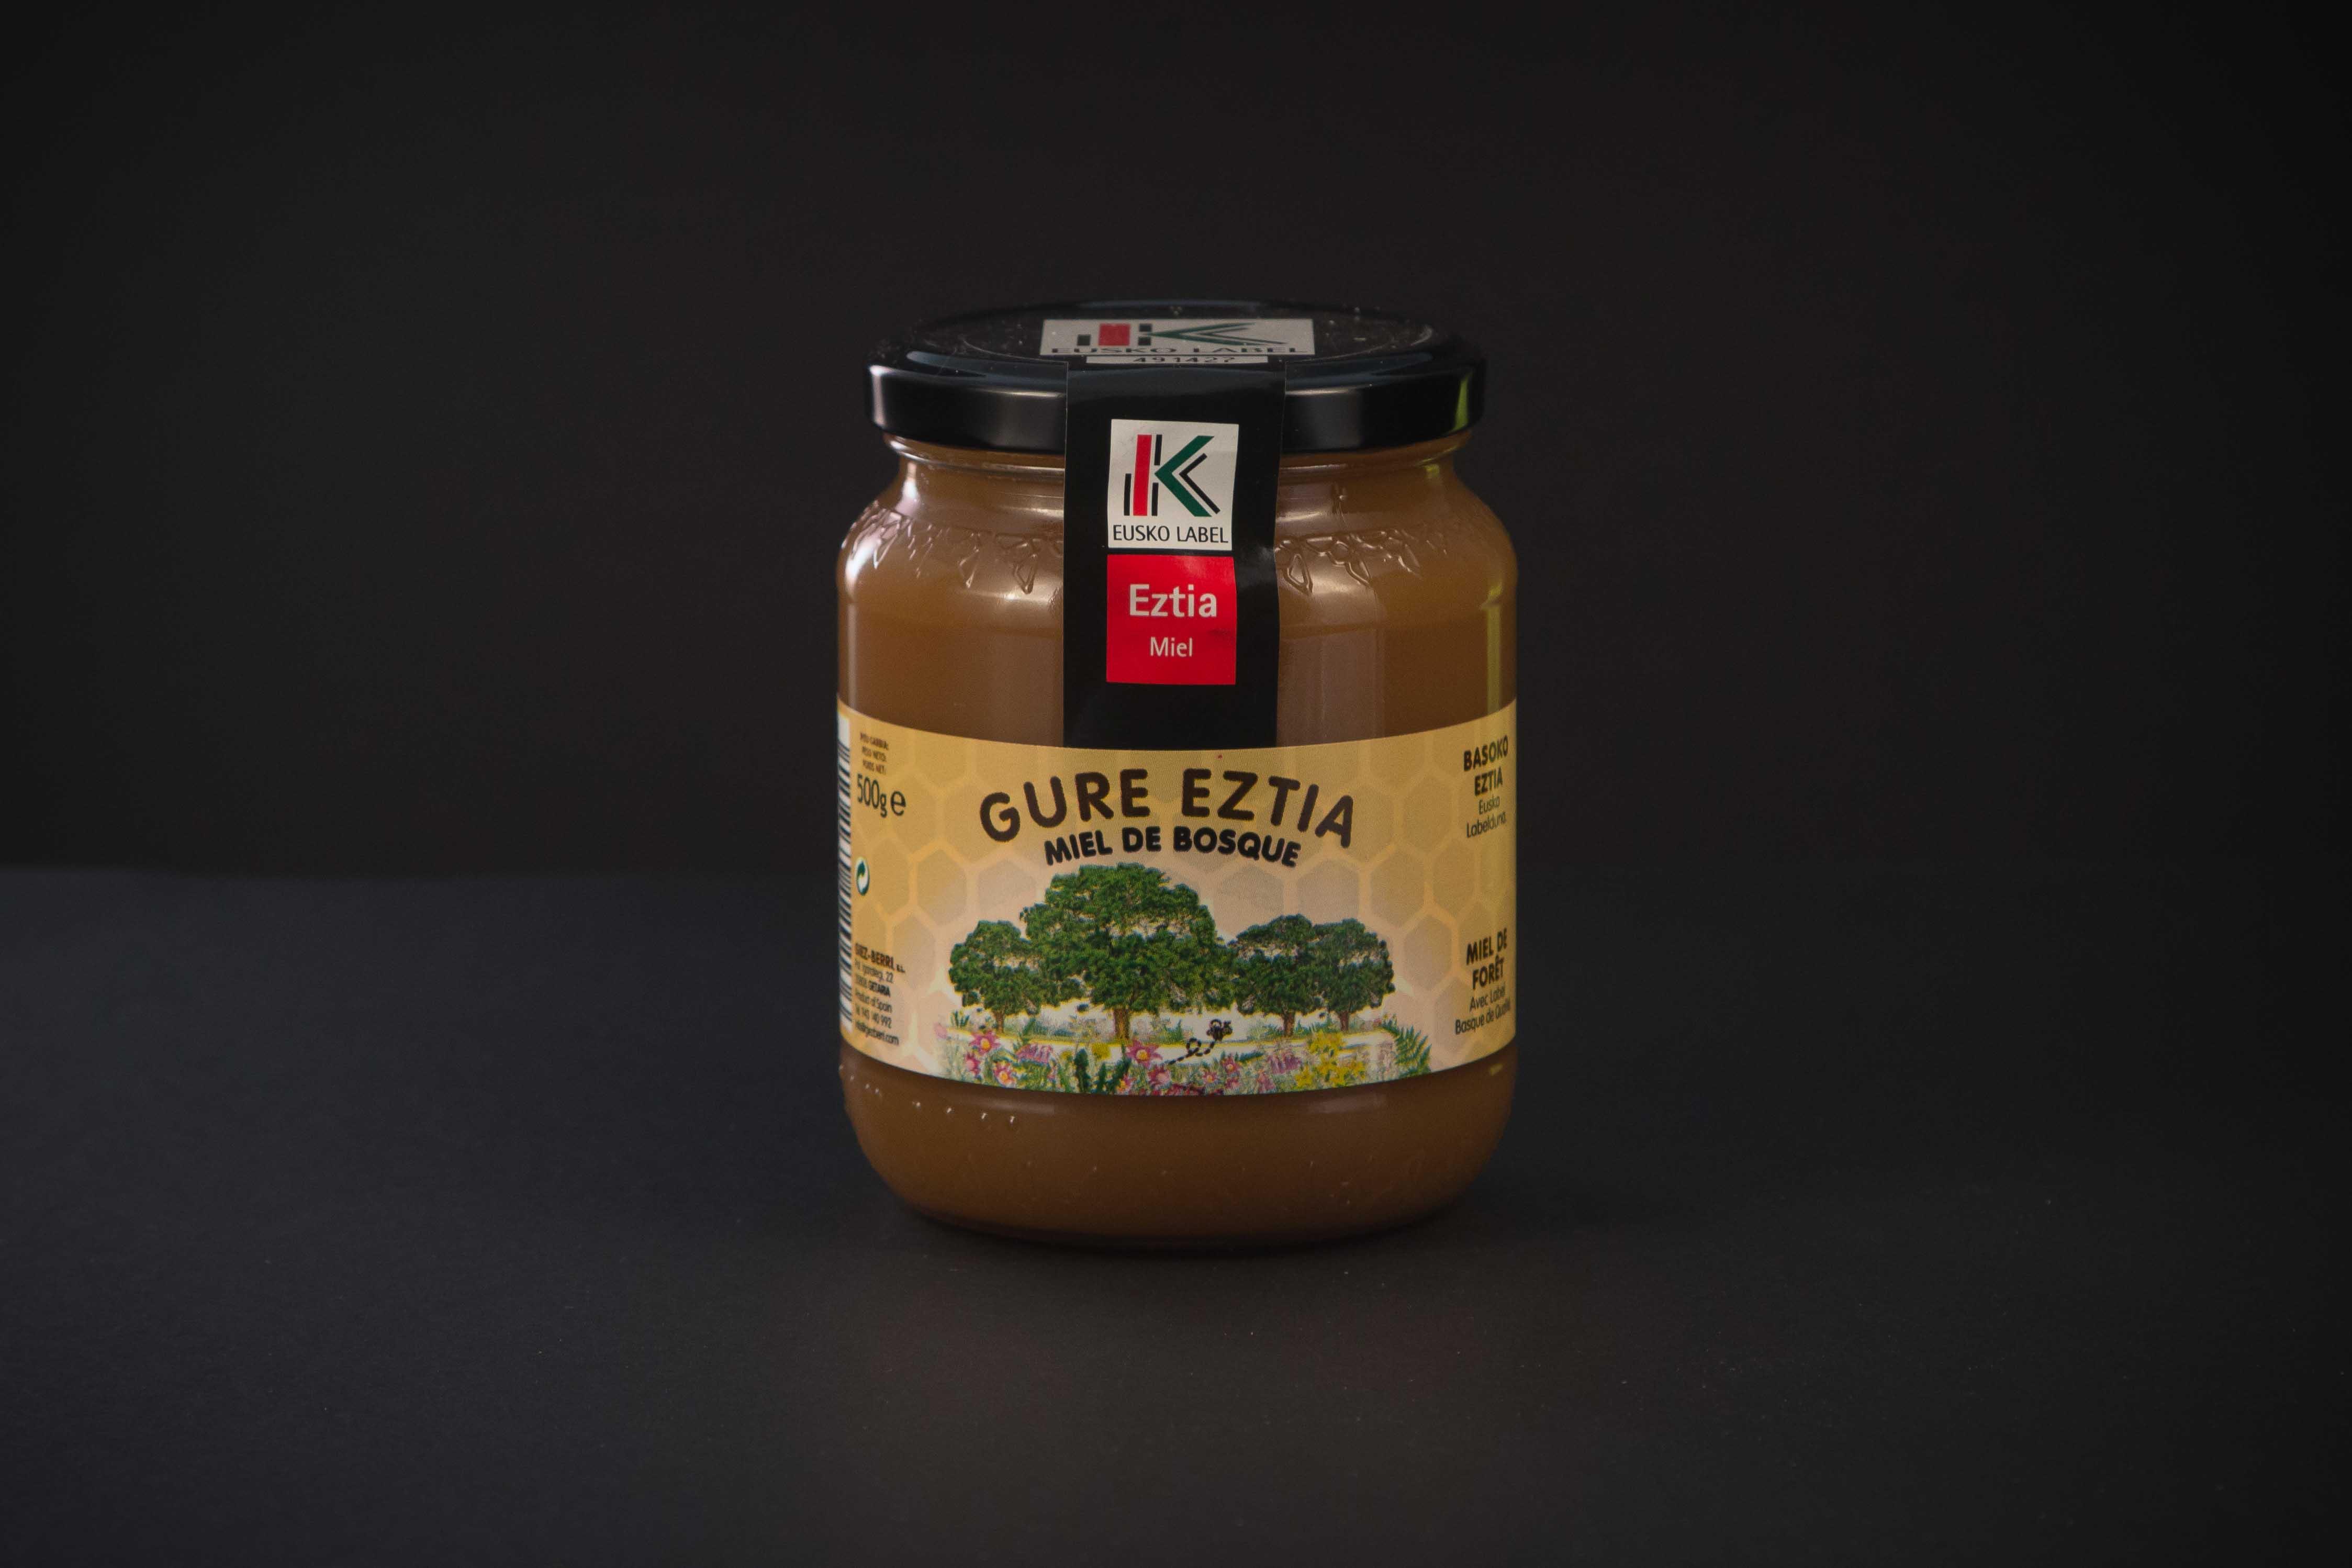 Basoko  Eztia  <br/>  (Eusko  Label|0,5  Kg)